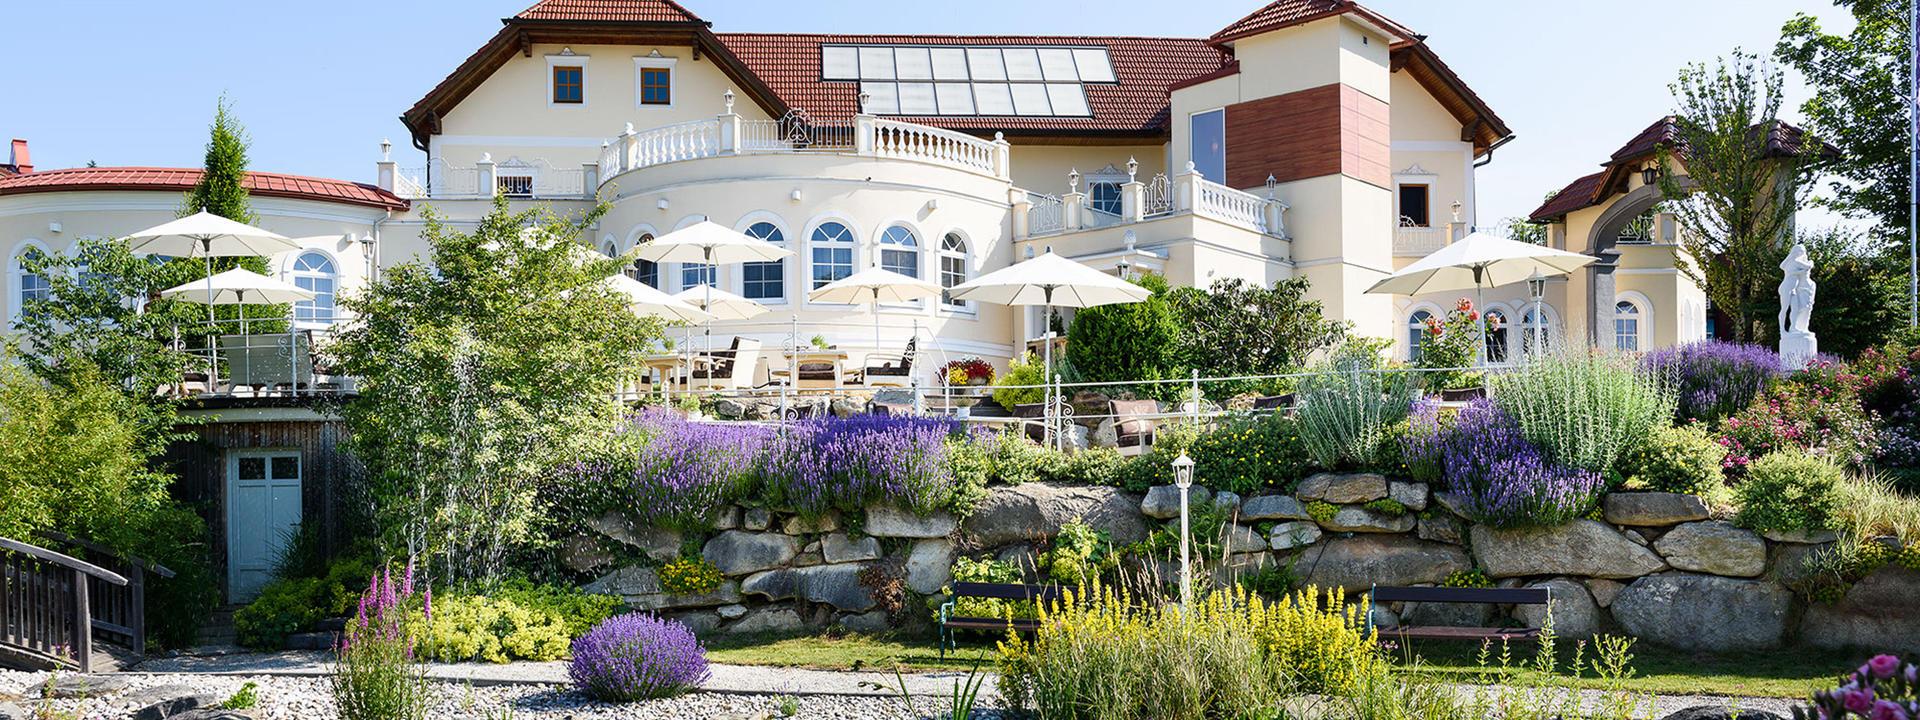 Genussvolles Romantisches Wellnesshotel In Oberosterreich Hotel